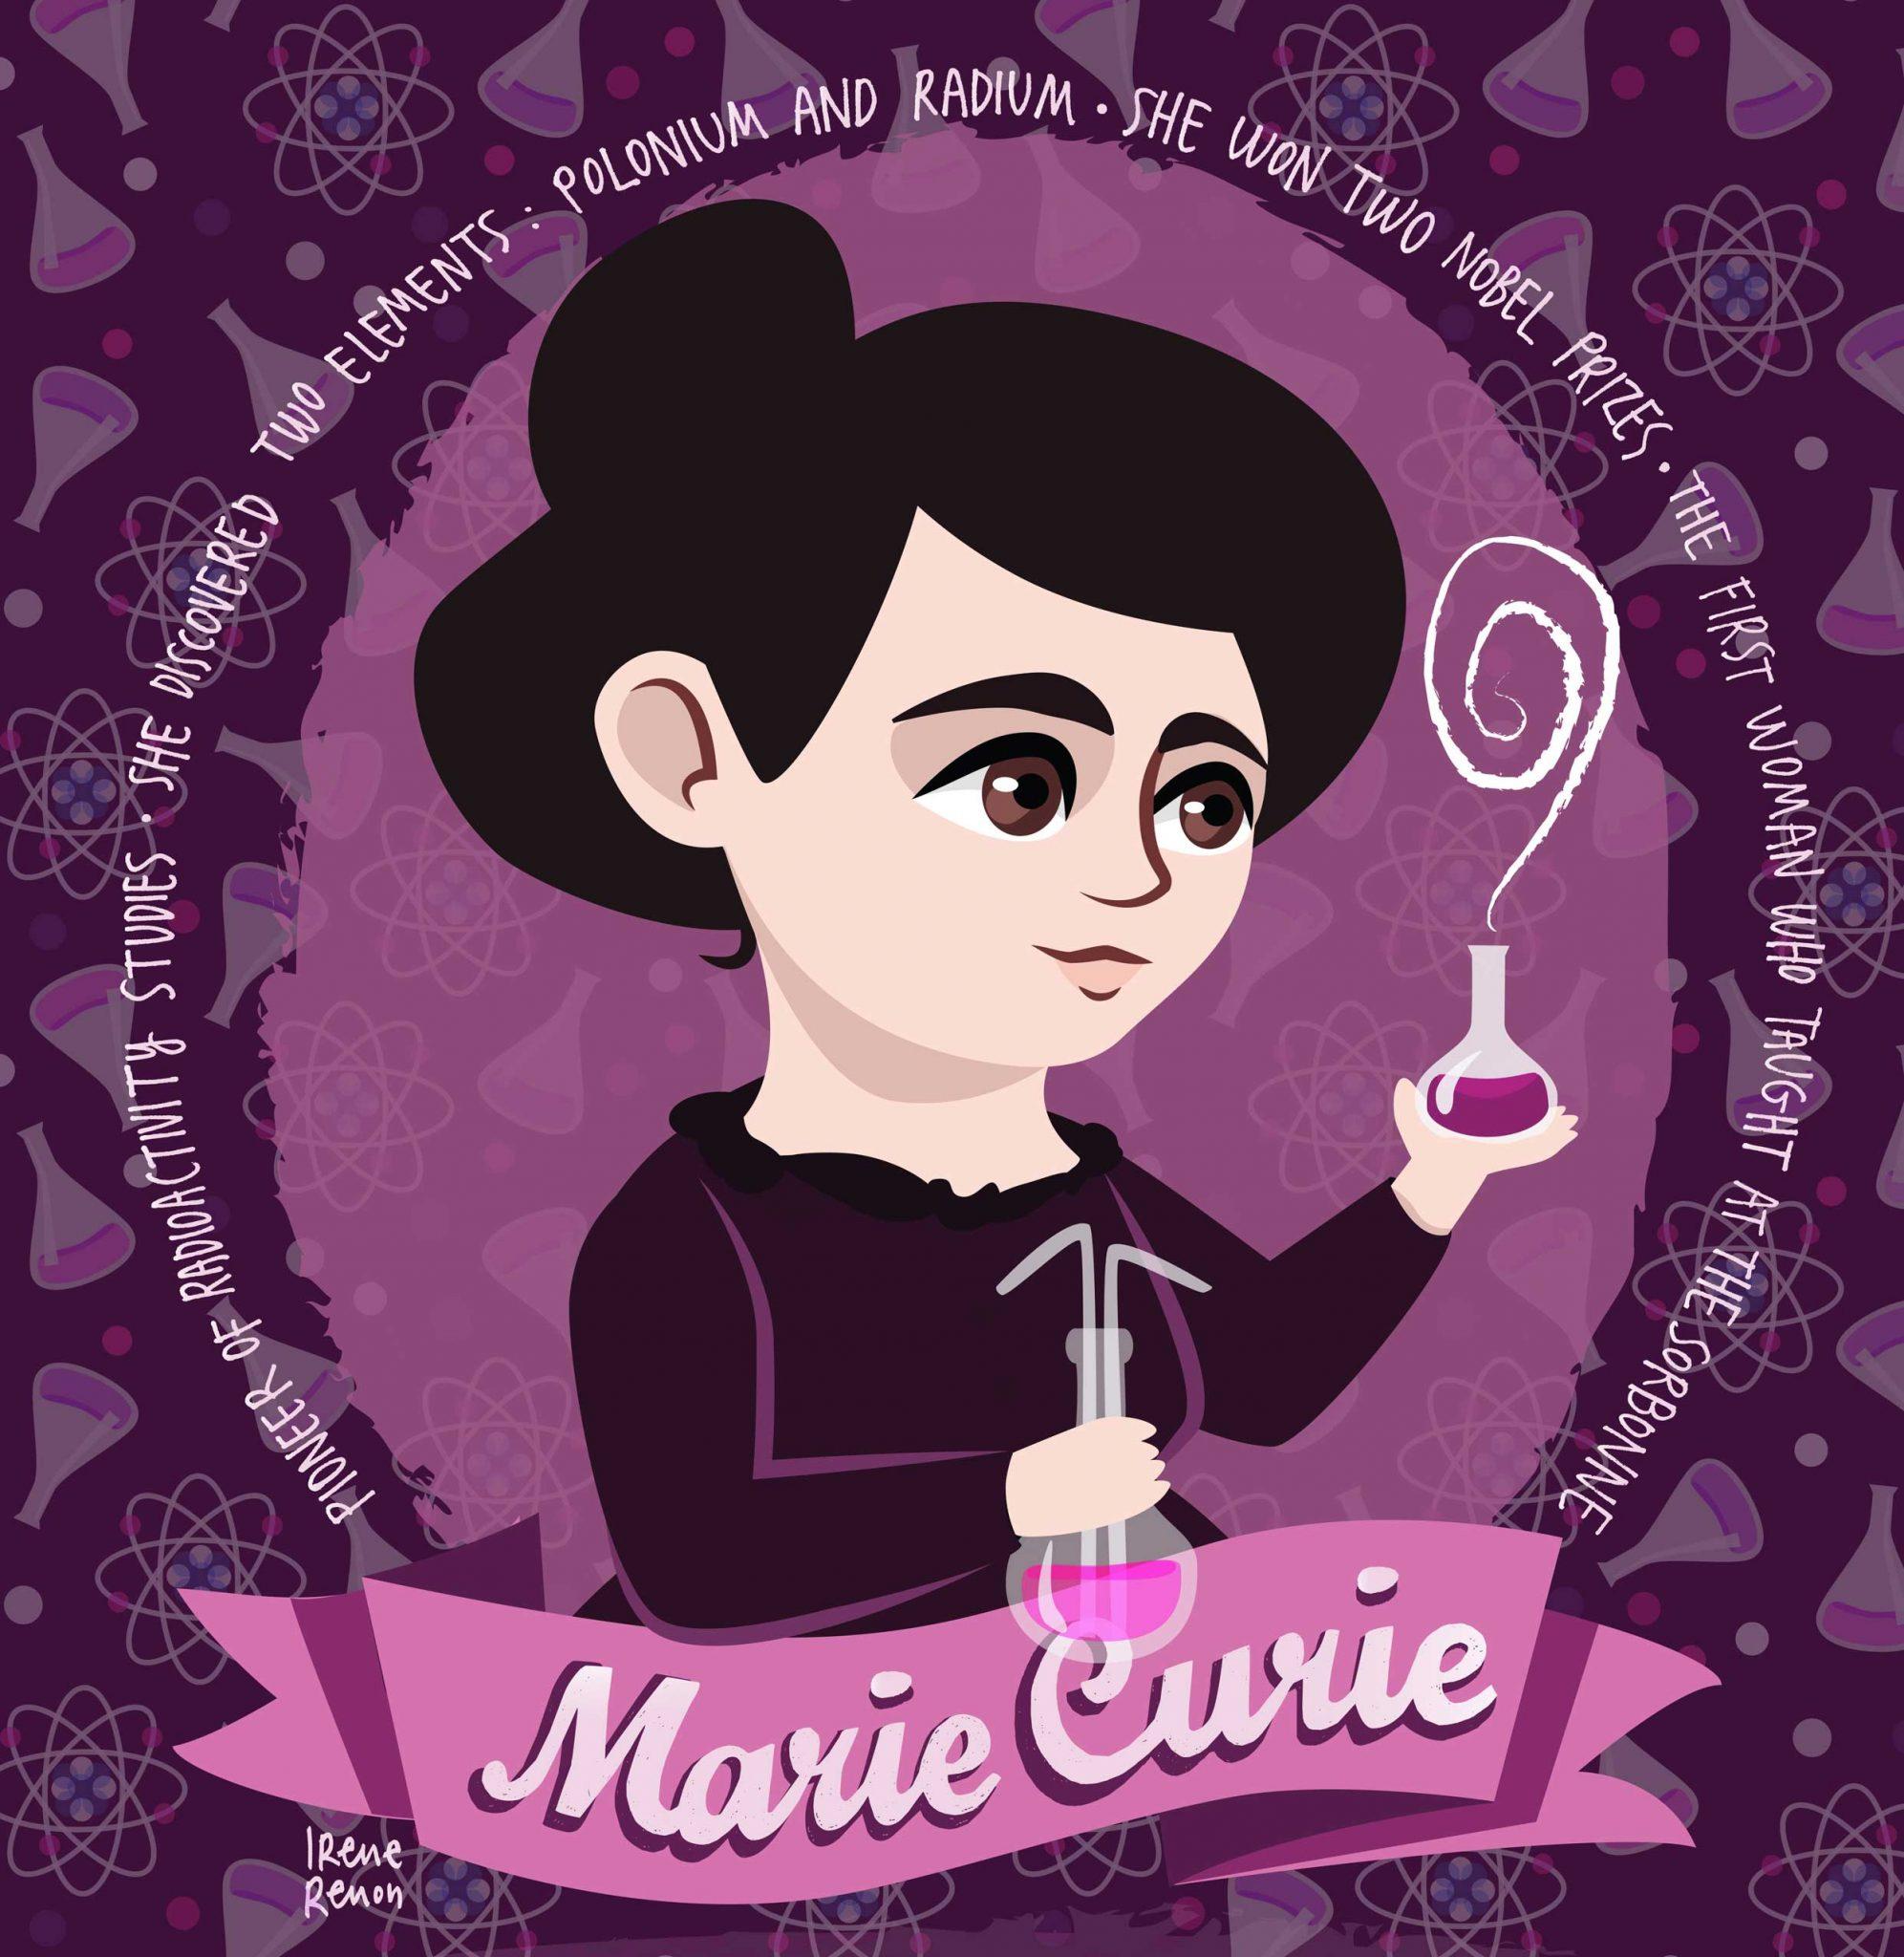 15 Donne nella scienza: Marie Curie e la radioattività